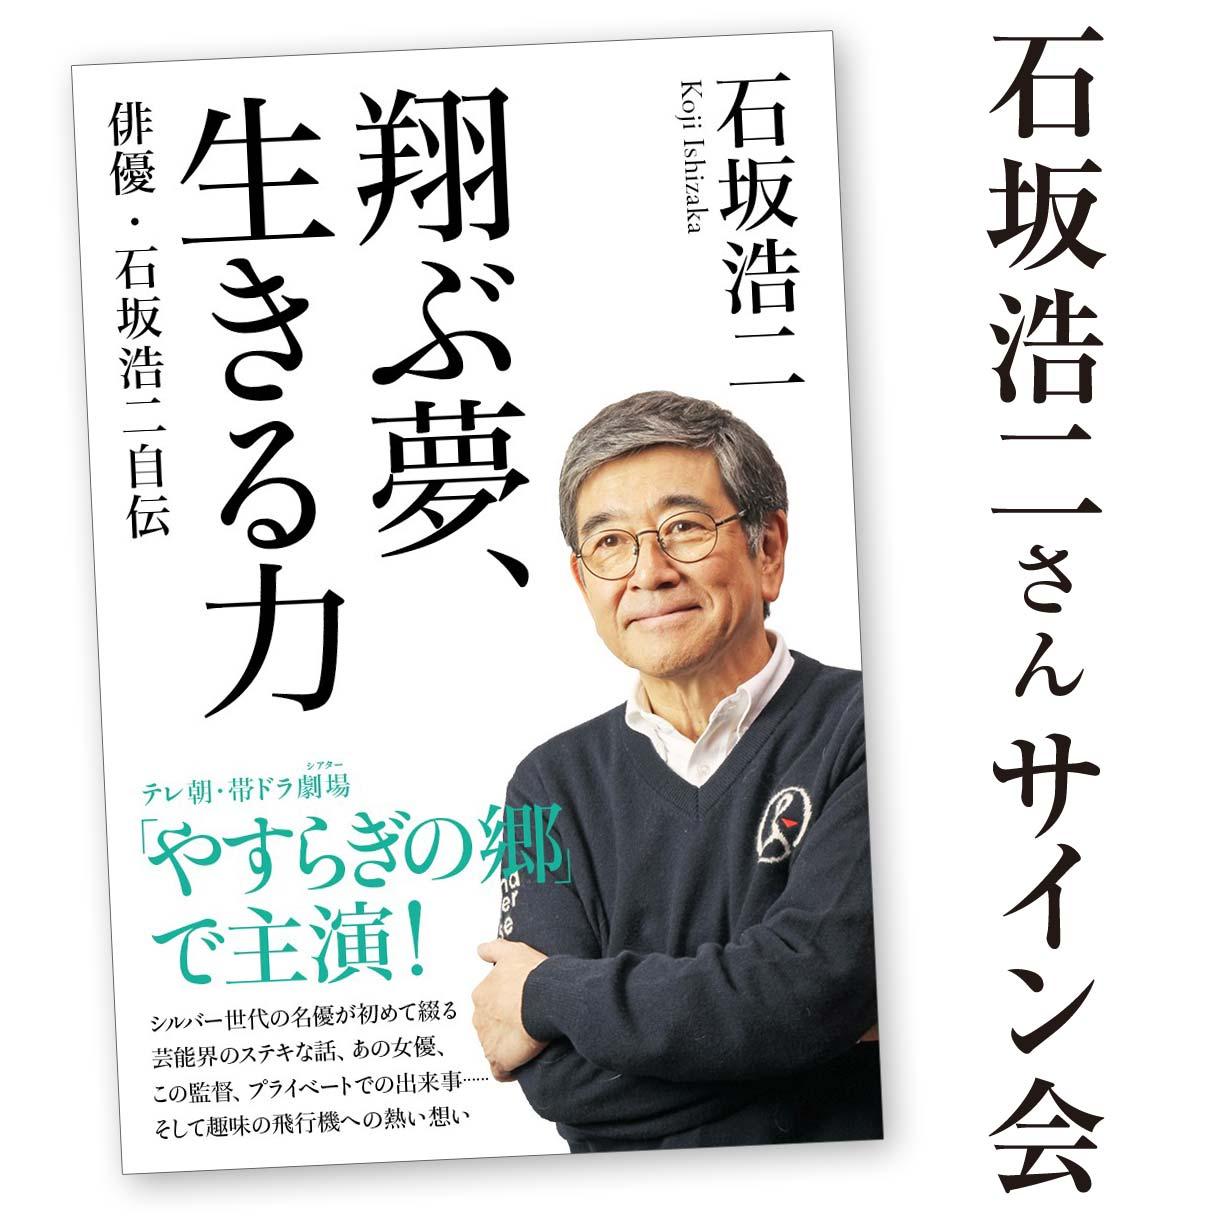 10/22(日) 石坂浩二さん サイン会